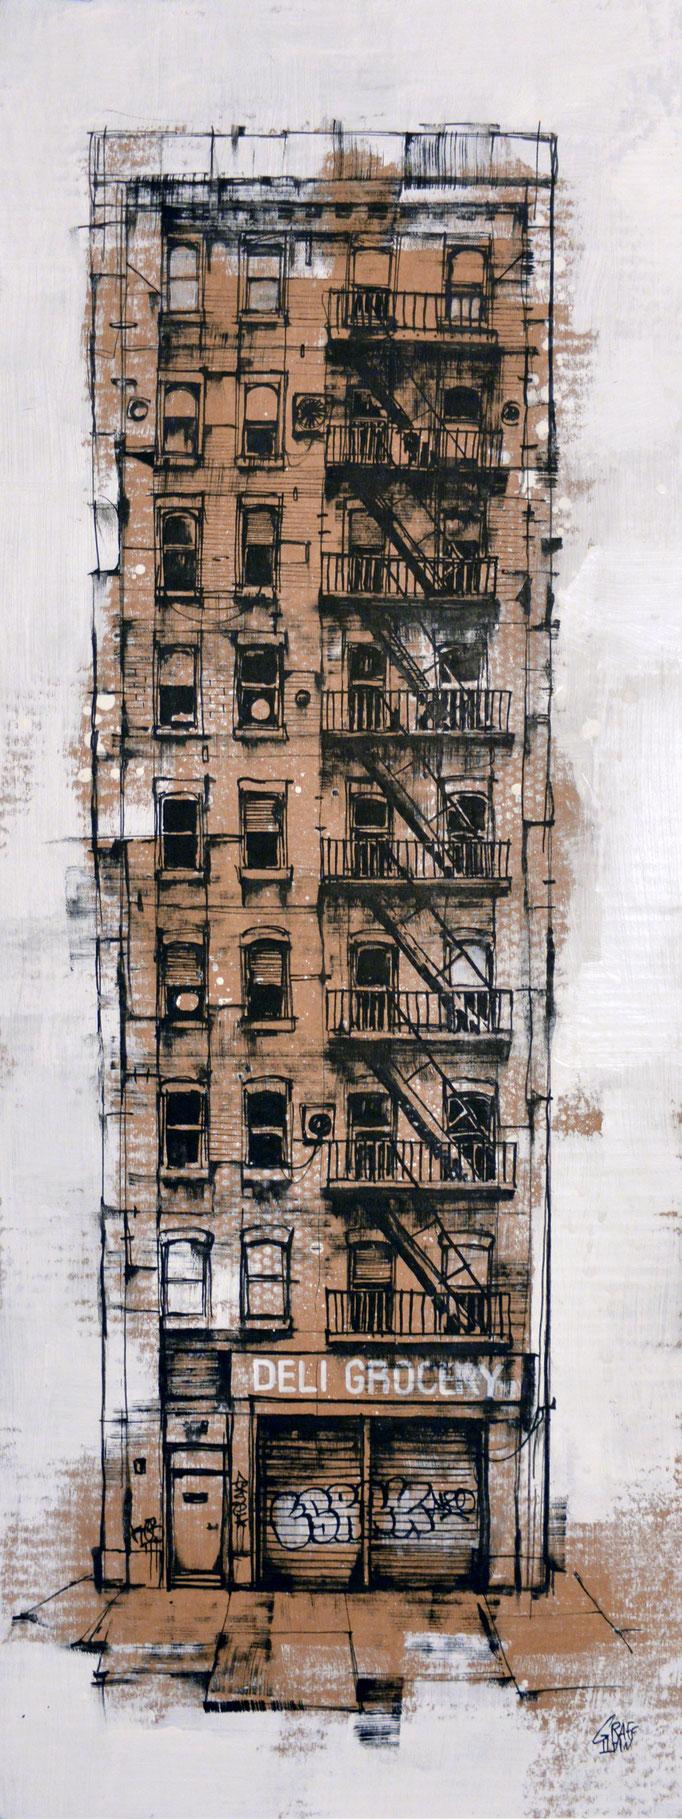 """<b>DELI GROCERY</b><br>80 x 30 cm<br><a href= https://www.graffmatt.com/boutique/peintures/deli-grocery/#cc-m-product-9228135285; style=""""color:#49bfc0;"""" target=""""_blank"""">Disponible à la vente</b></a> <alt=""""art peinture ville newyork facade urbaine"""">"""